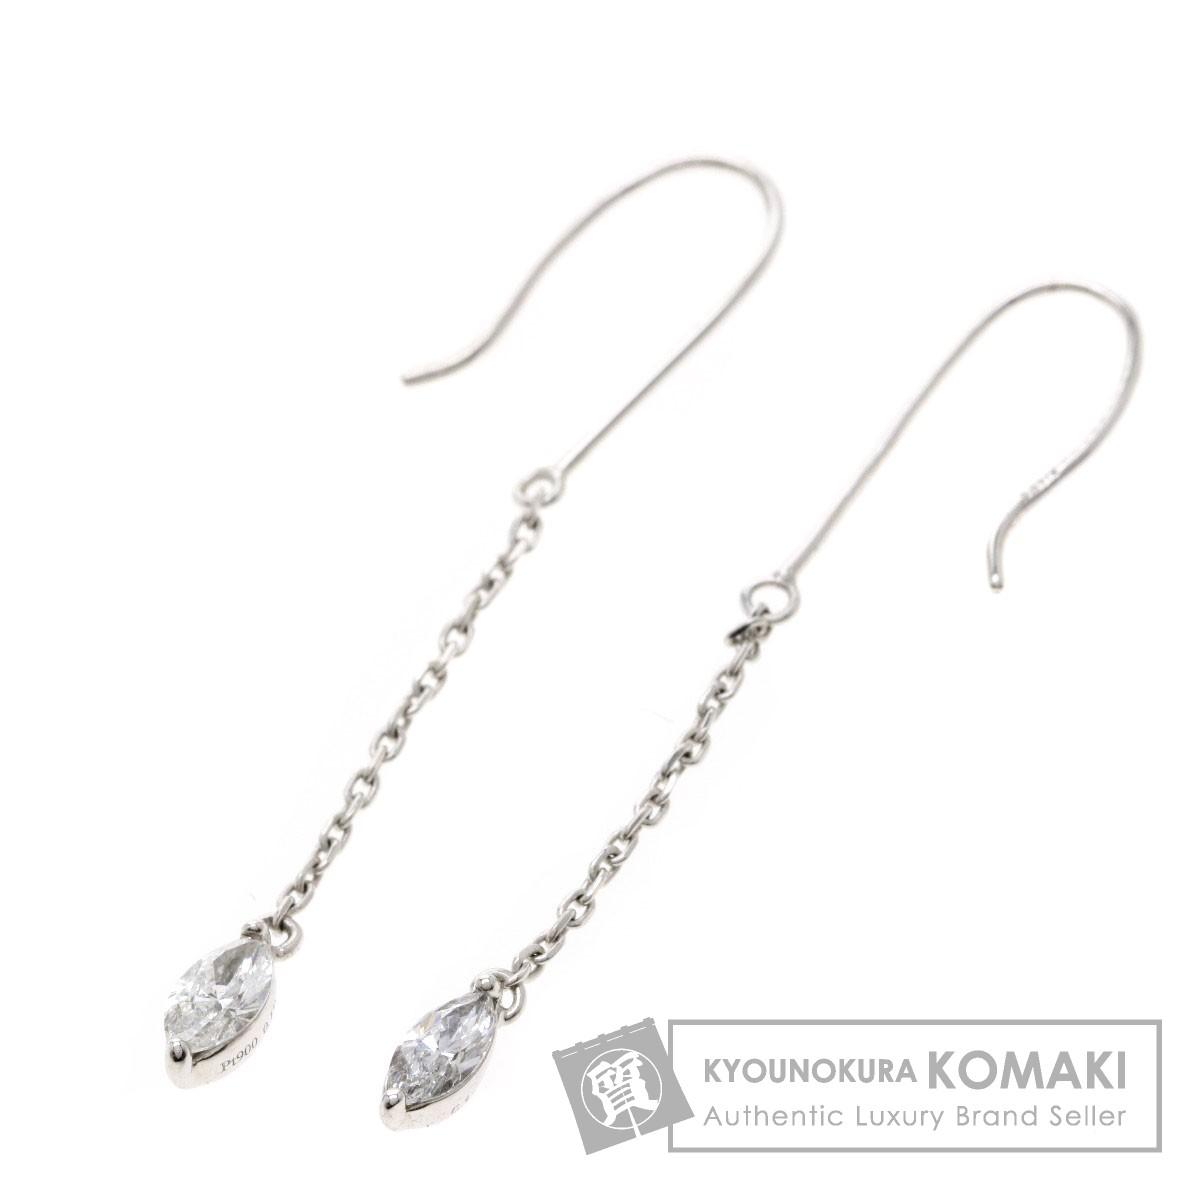 0.19ct ダイヤモンド マーキスカット ピアス K14ホワイトゴールド/PT900 1.2g レディース 【中古】